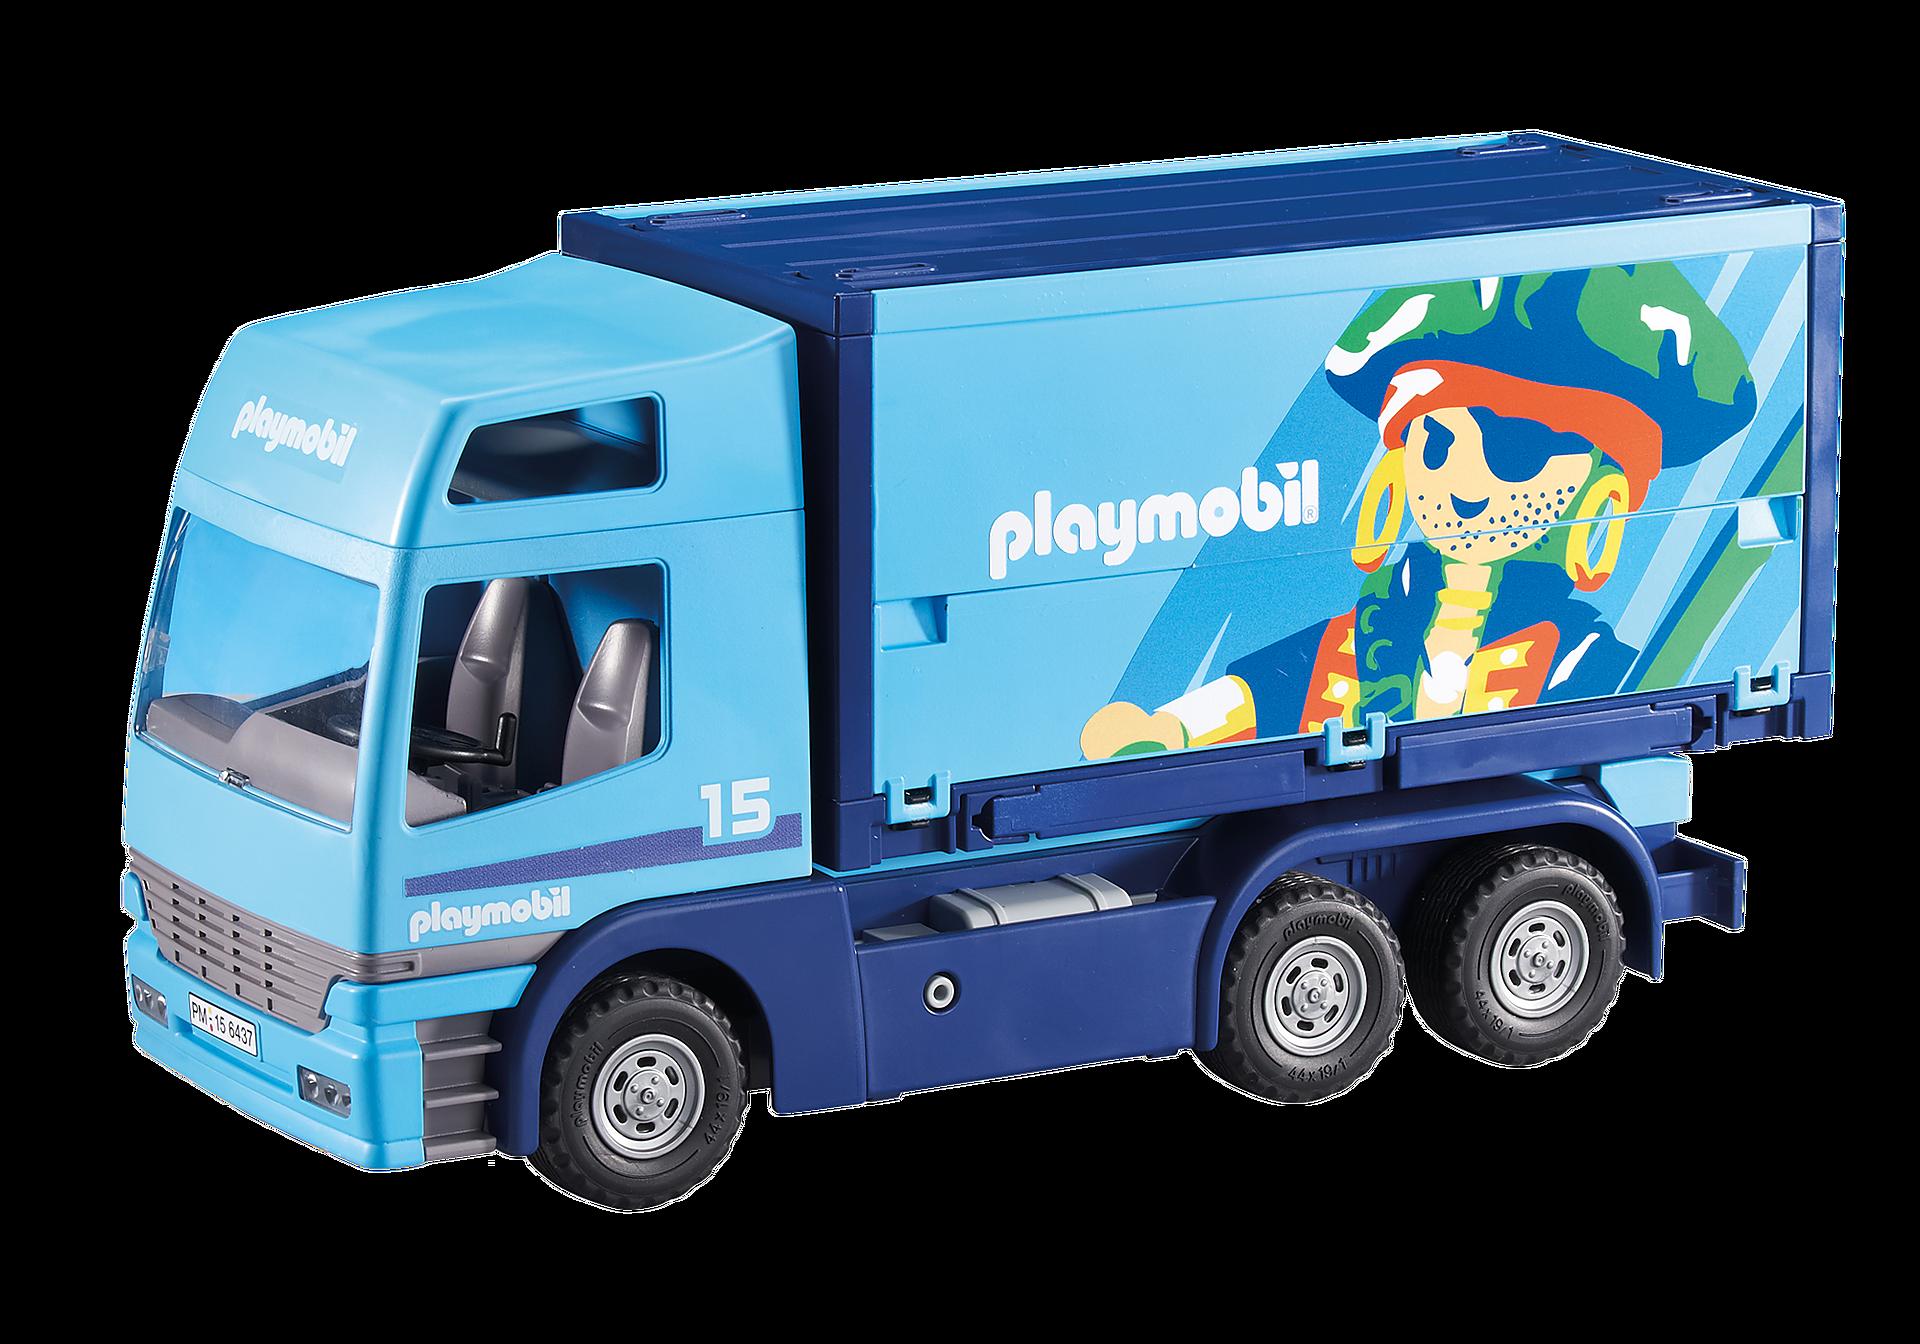 6437 PLAYMOBIL-vrachtwagen zoom image1